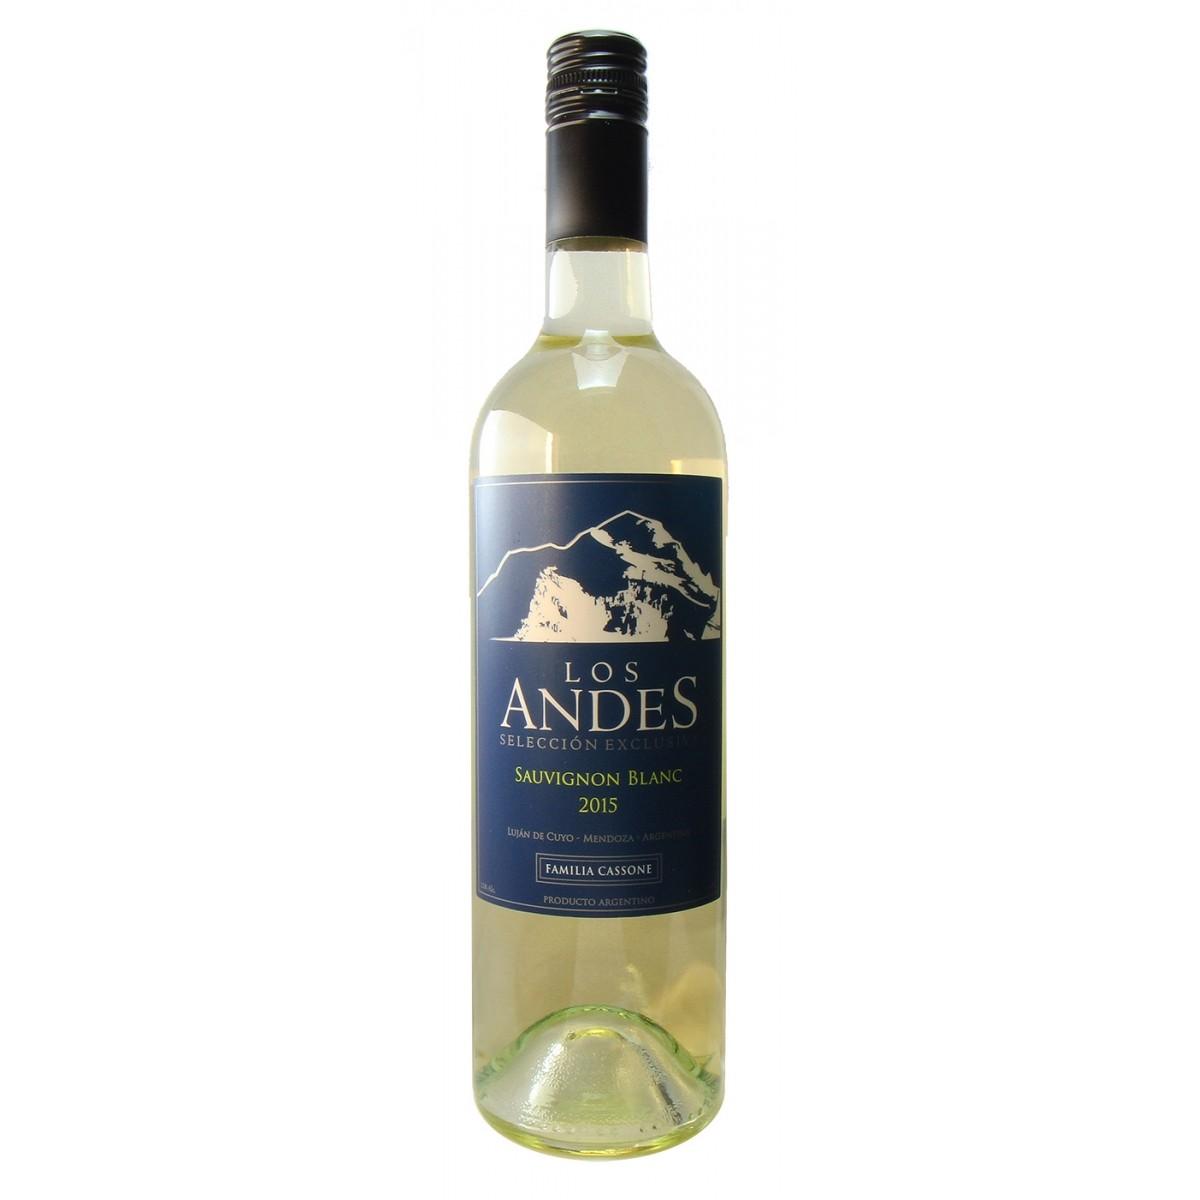 Los Andes Selección Exclusiva Sauvignon Blanc 2015   - Familia Cassone